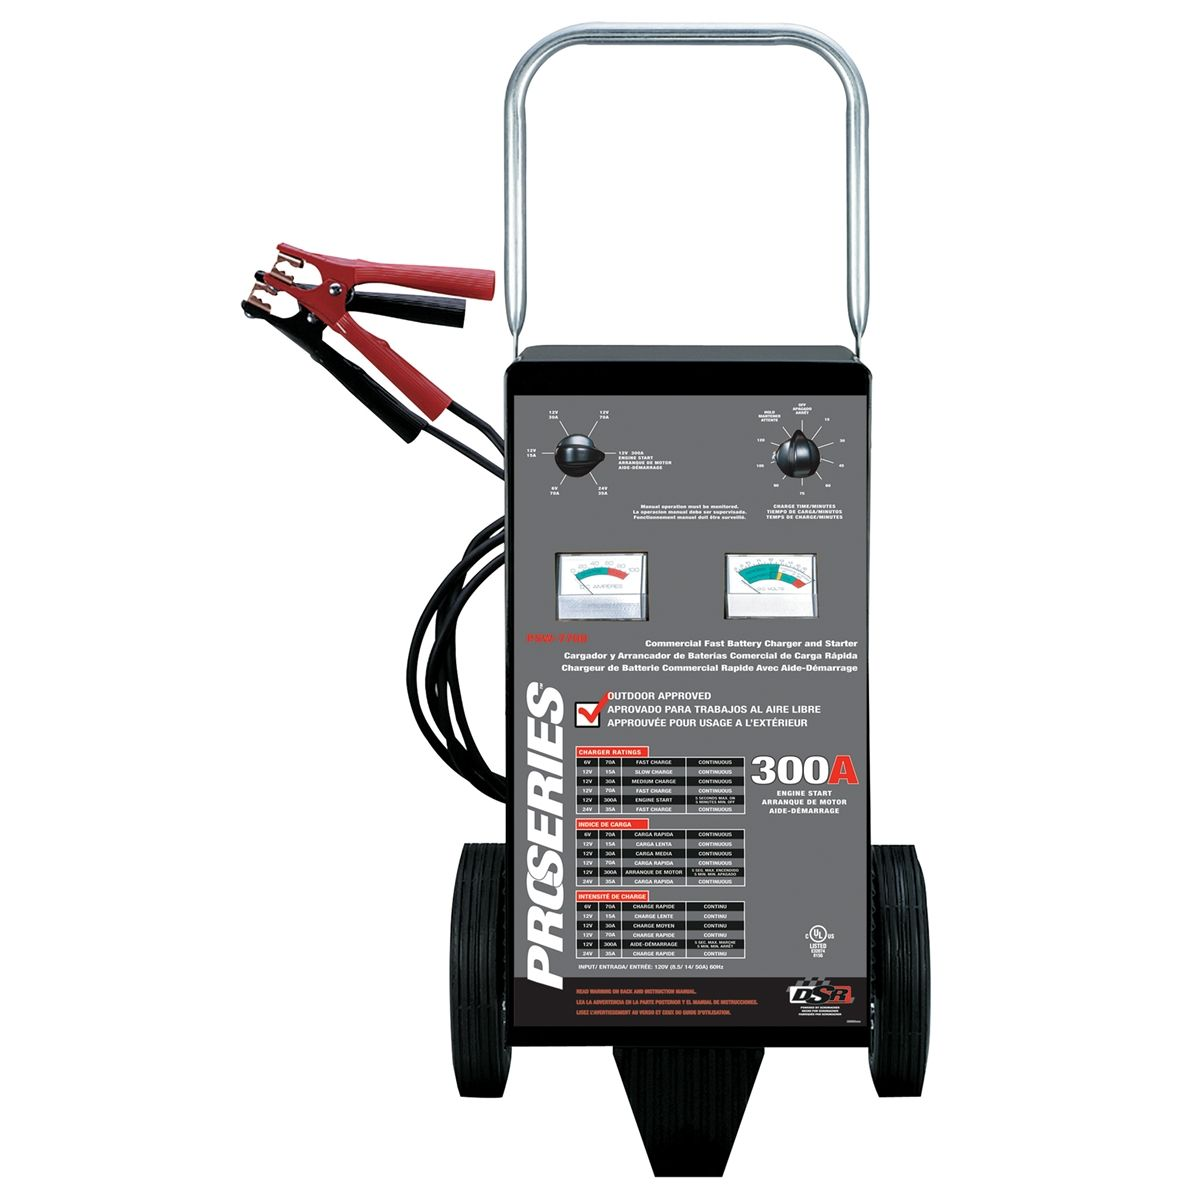 schumacher battery charger instructions